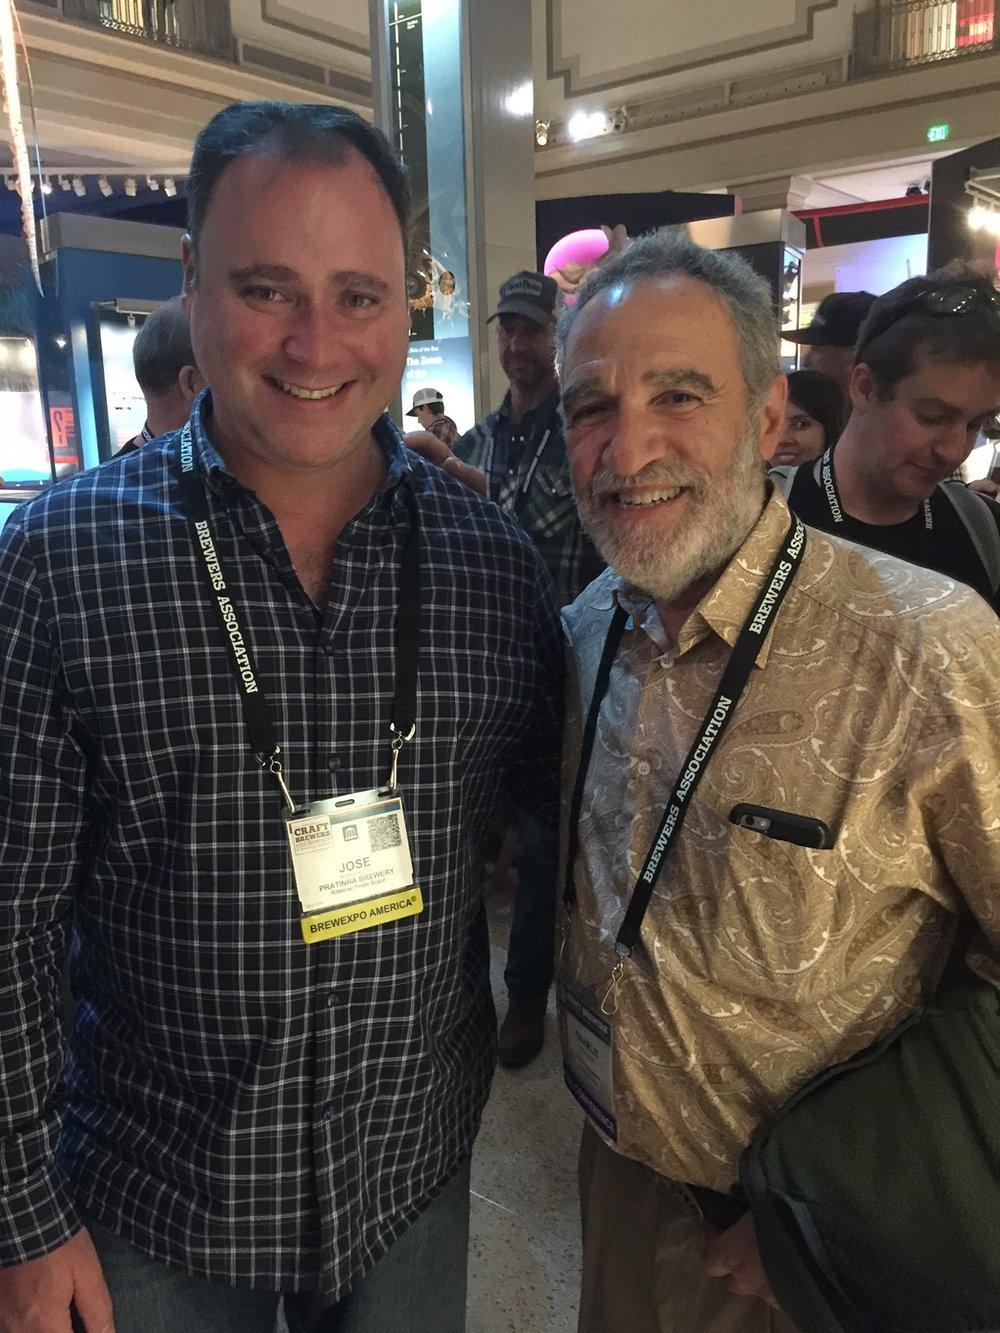 José Virgílio Braghetto com Charlie Papazian, fundador da Brewers Association (Foto: Divulgação)